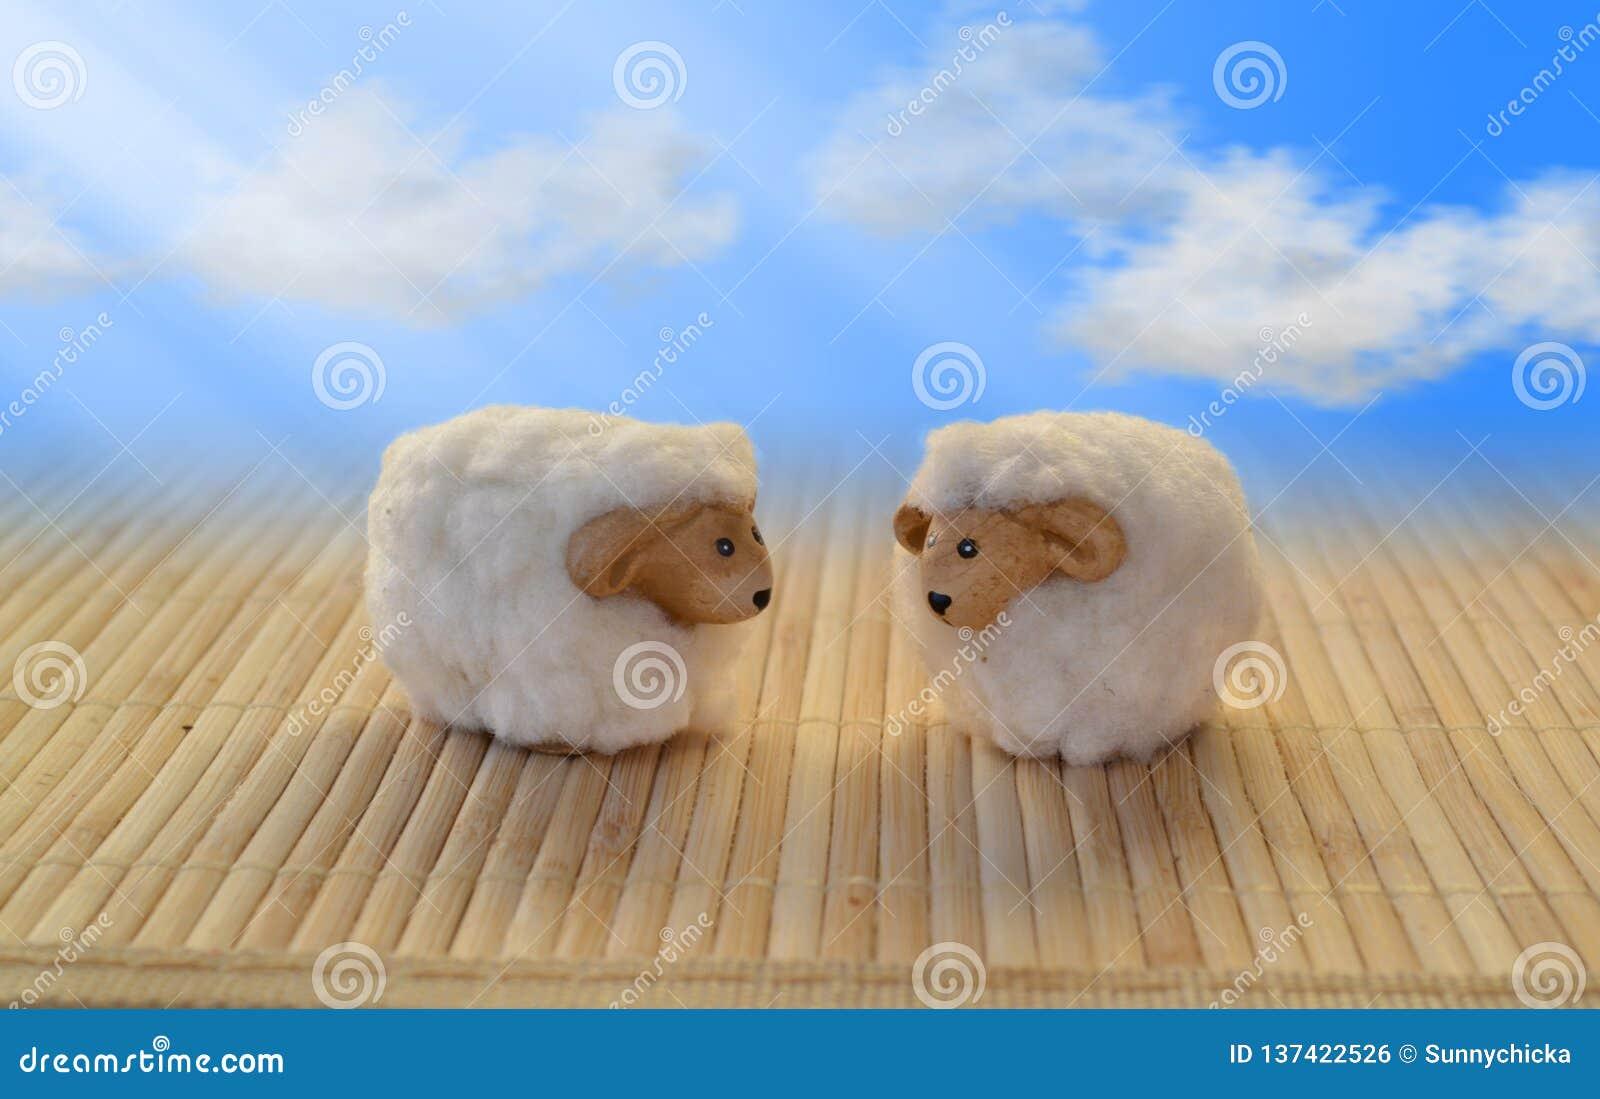 Les moutons fauchent l amour de salutation de bonbon swirly de mascotte de nuage drôle de ciel